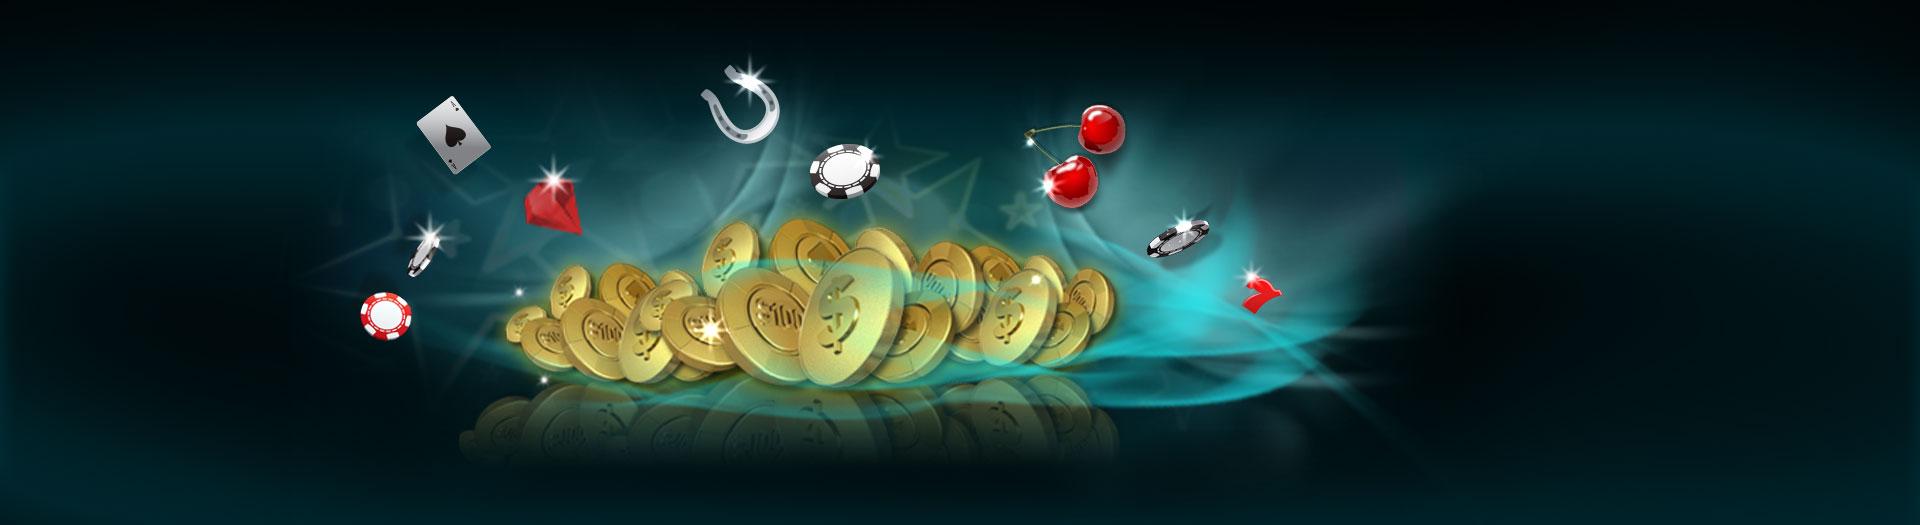 slots online spielen casino spiele gratis spielen